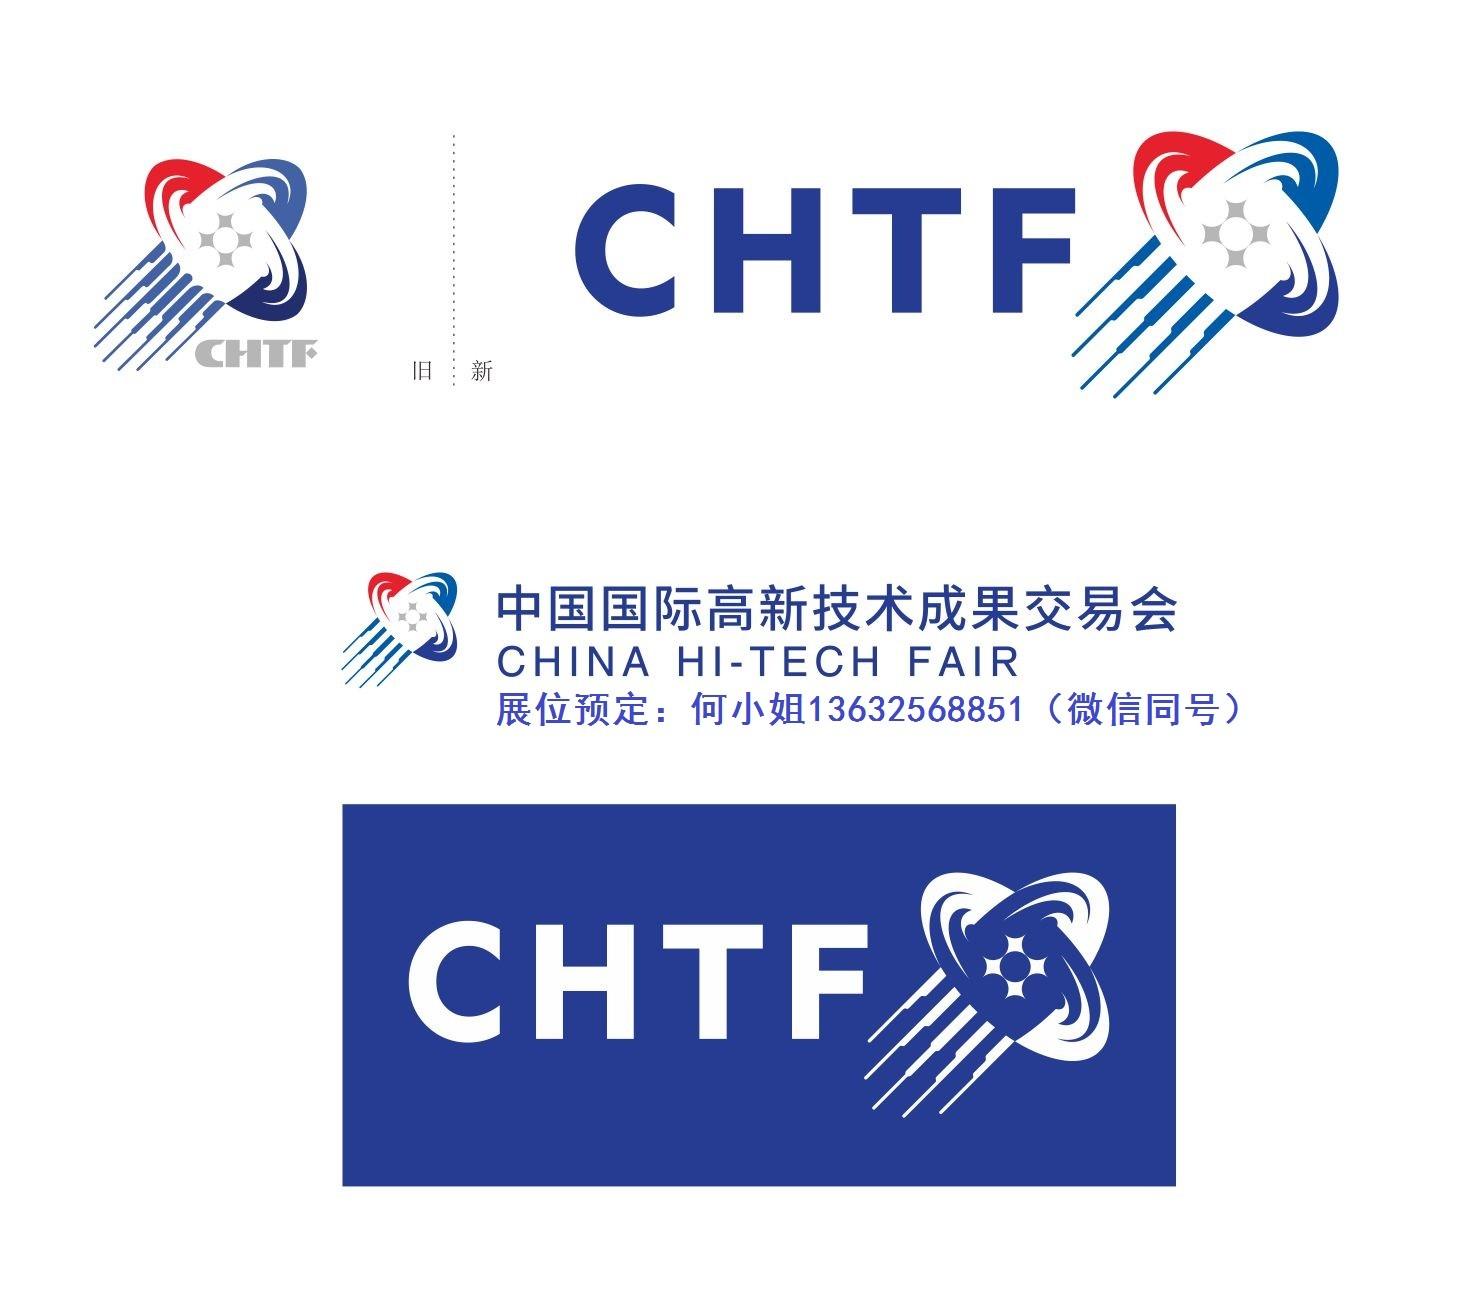 深圳CIBF